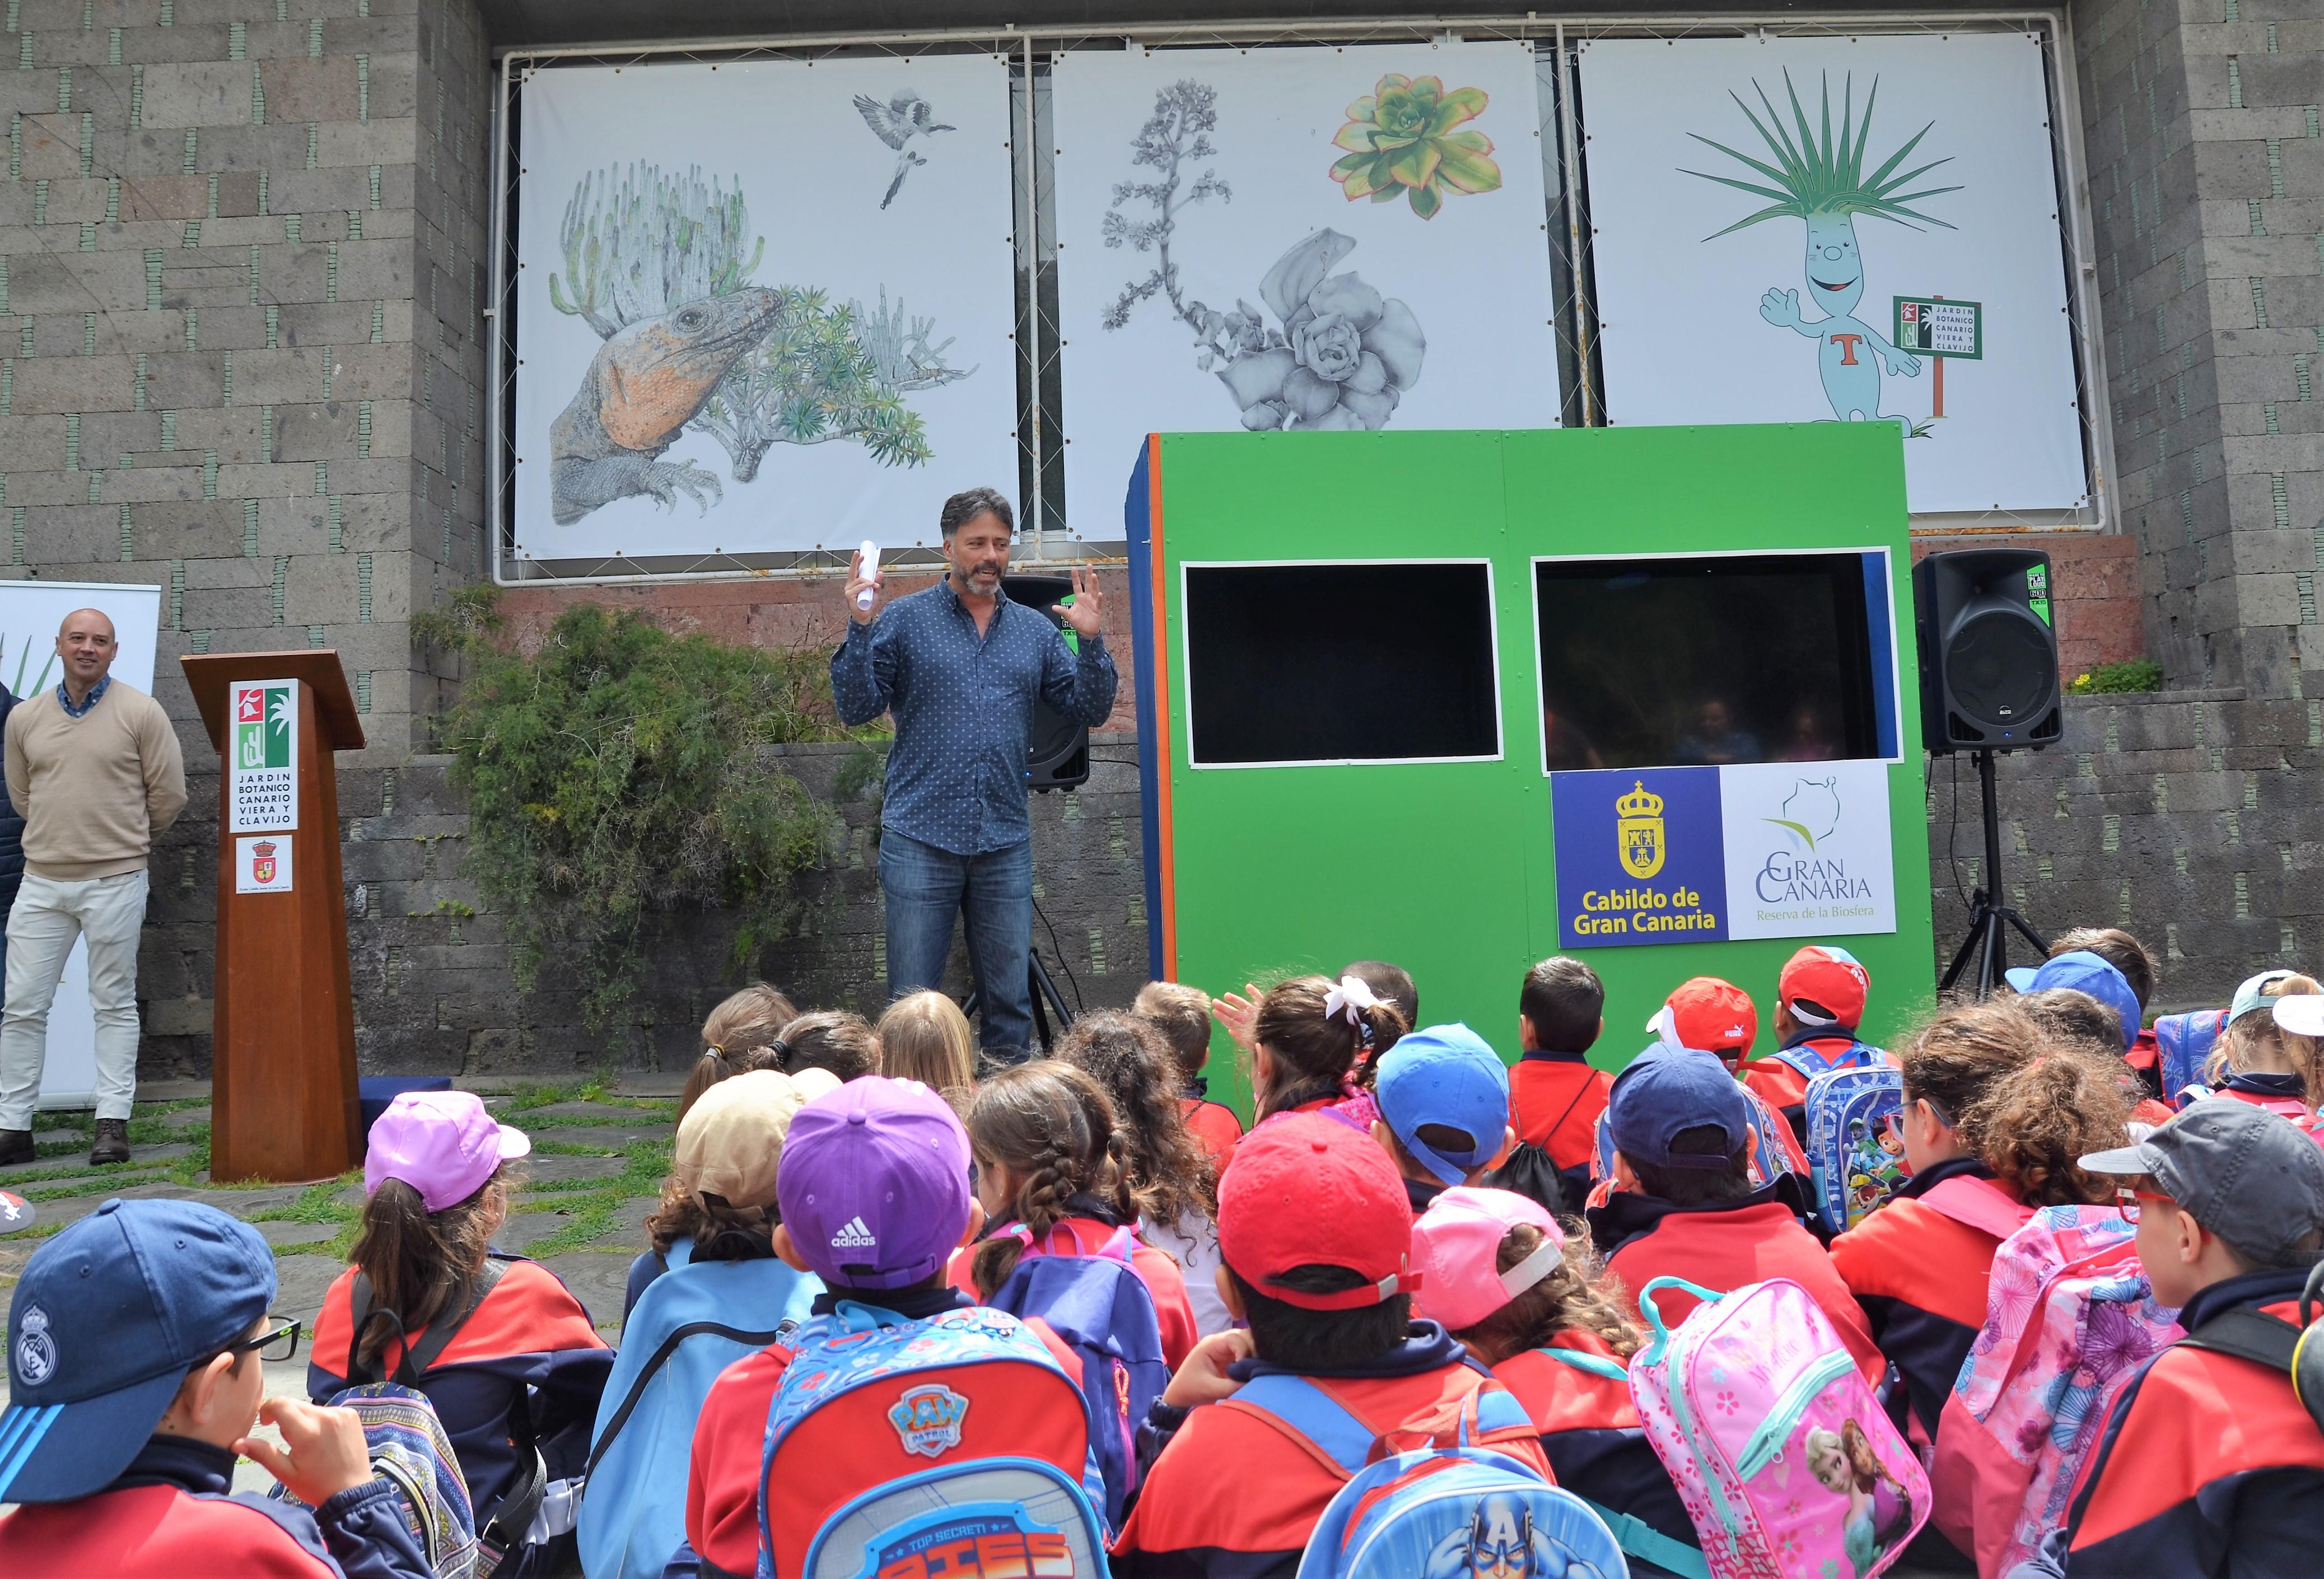 El jard n canario potencia su oferta de educaci n for El jardin canario